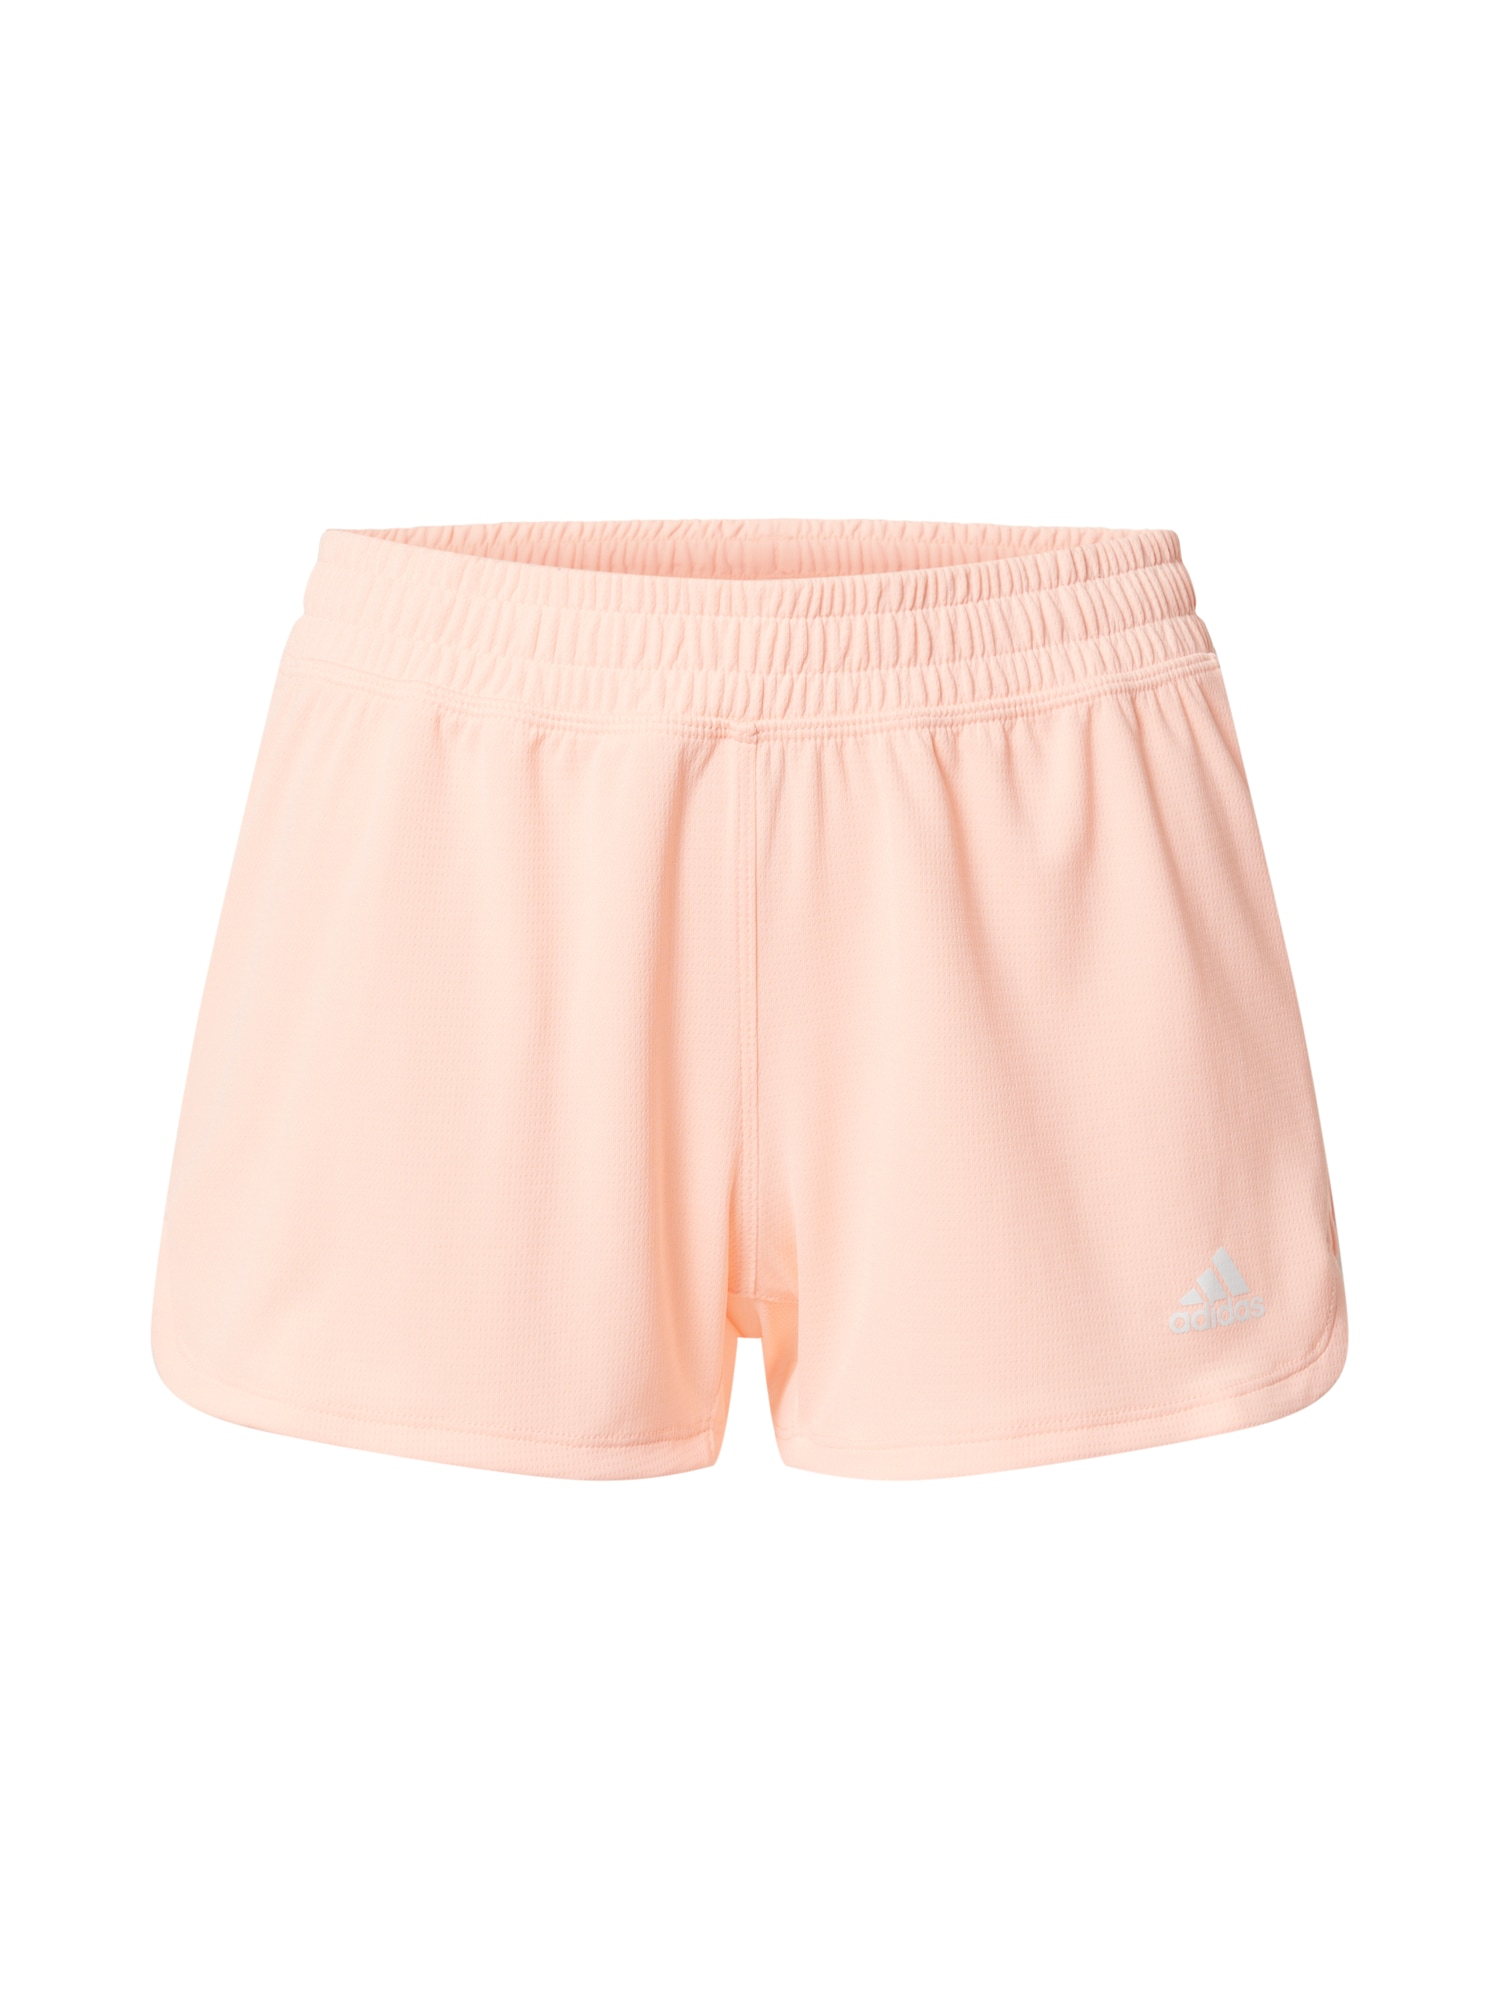 ADIDAS PERFORMANCE Sportovní kalhoty 'Pacer'  pastelově růžová / bílá